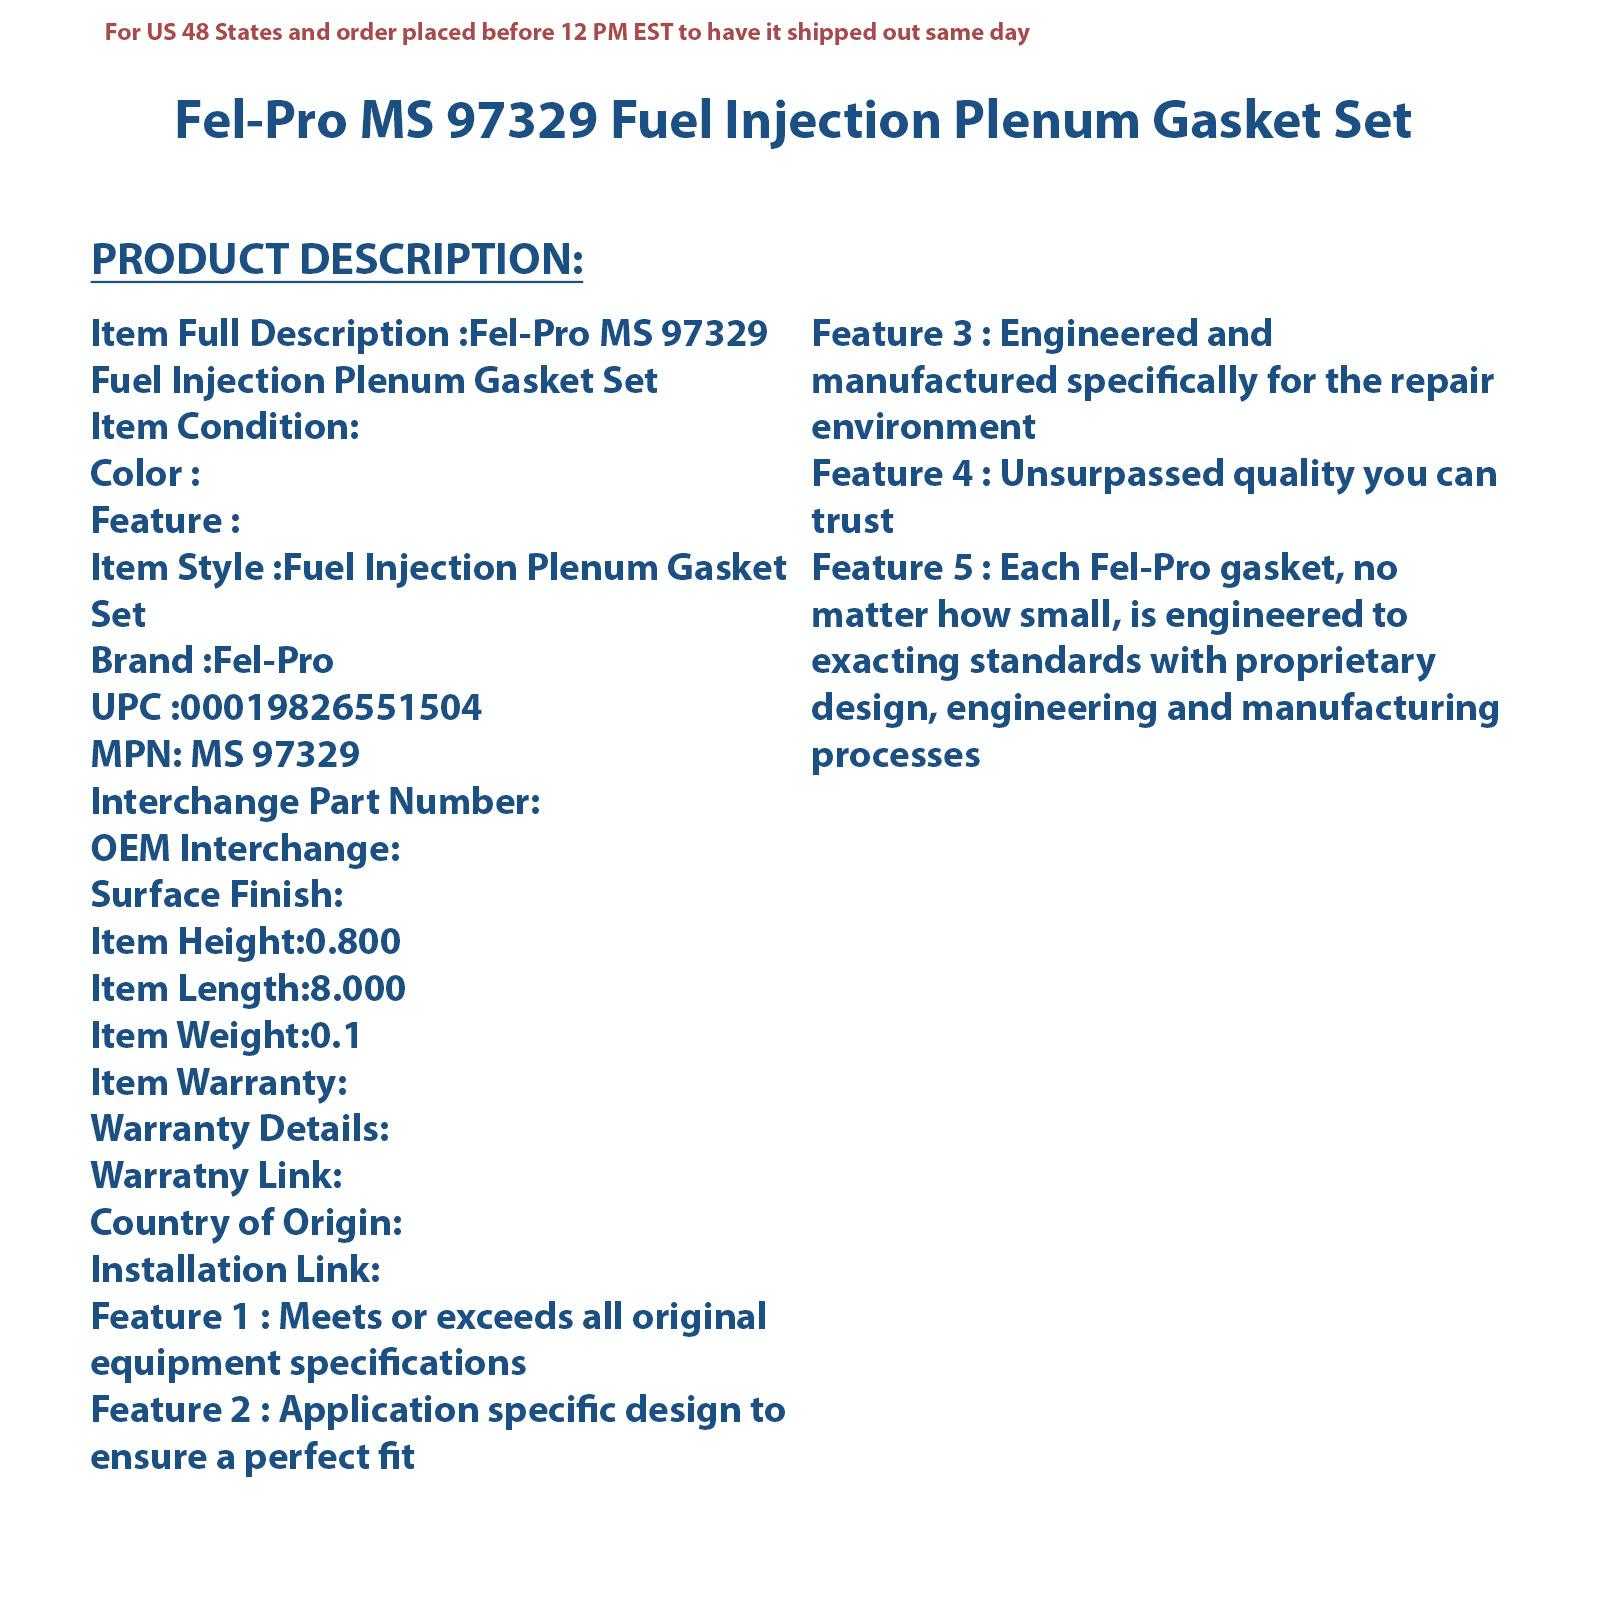 Fel-Pro MS 97329 Plenum Gasket